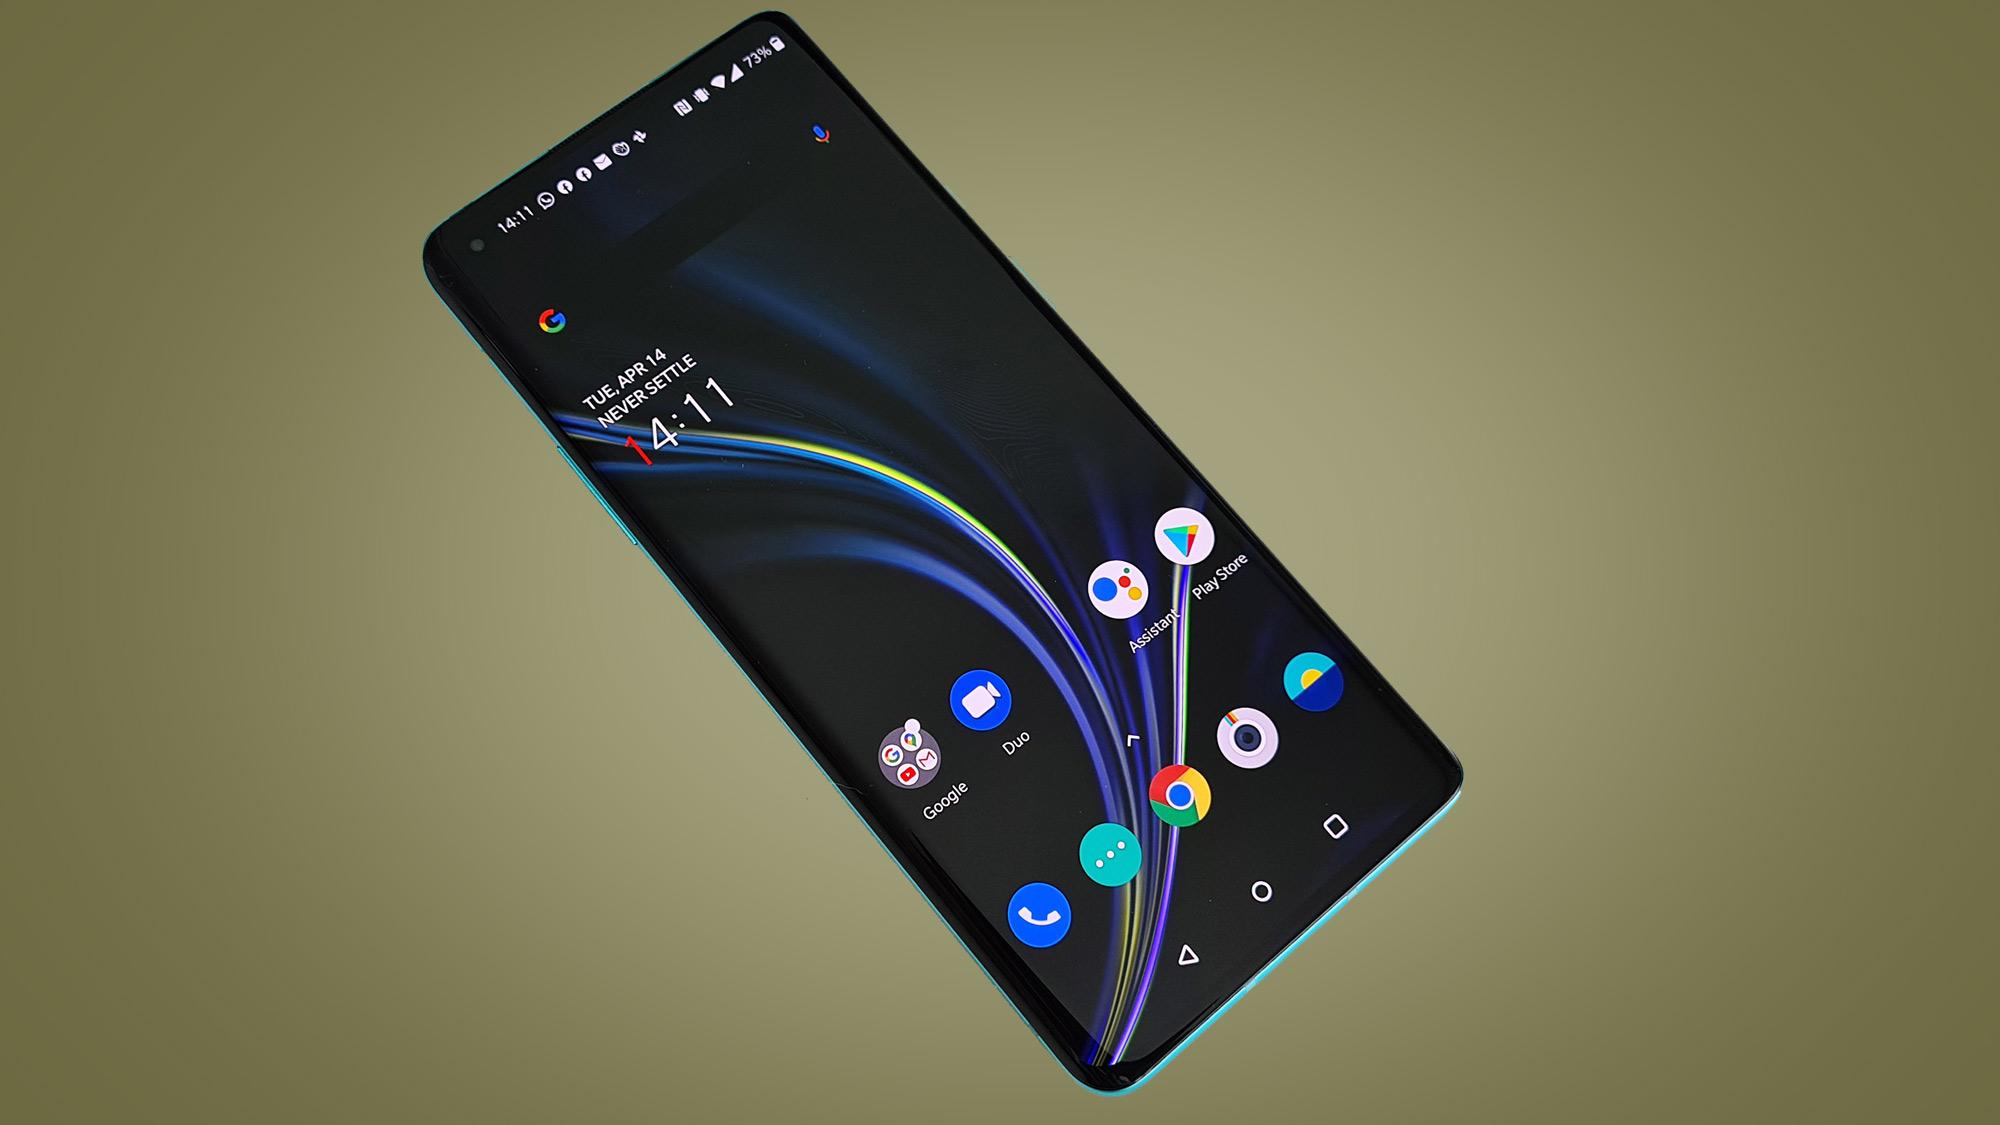 أفضل هاتف ذكي :مقارنة بين هاتفي Oneplus 8 pro و هواوي نوفا 7 SE